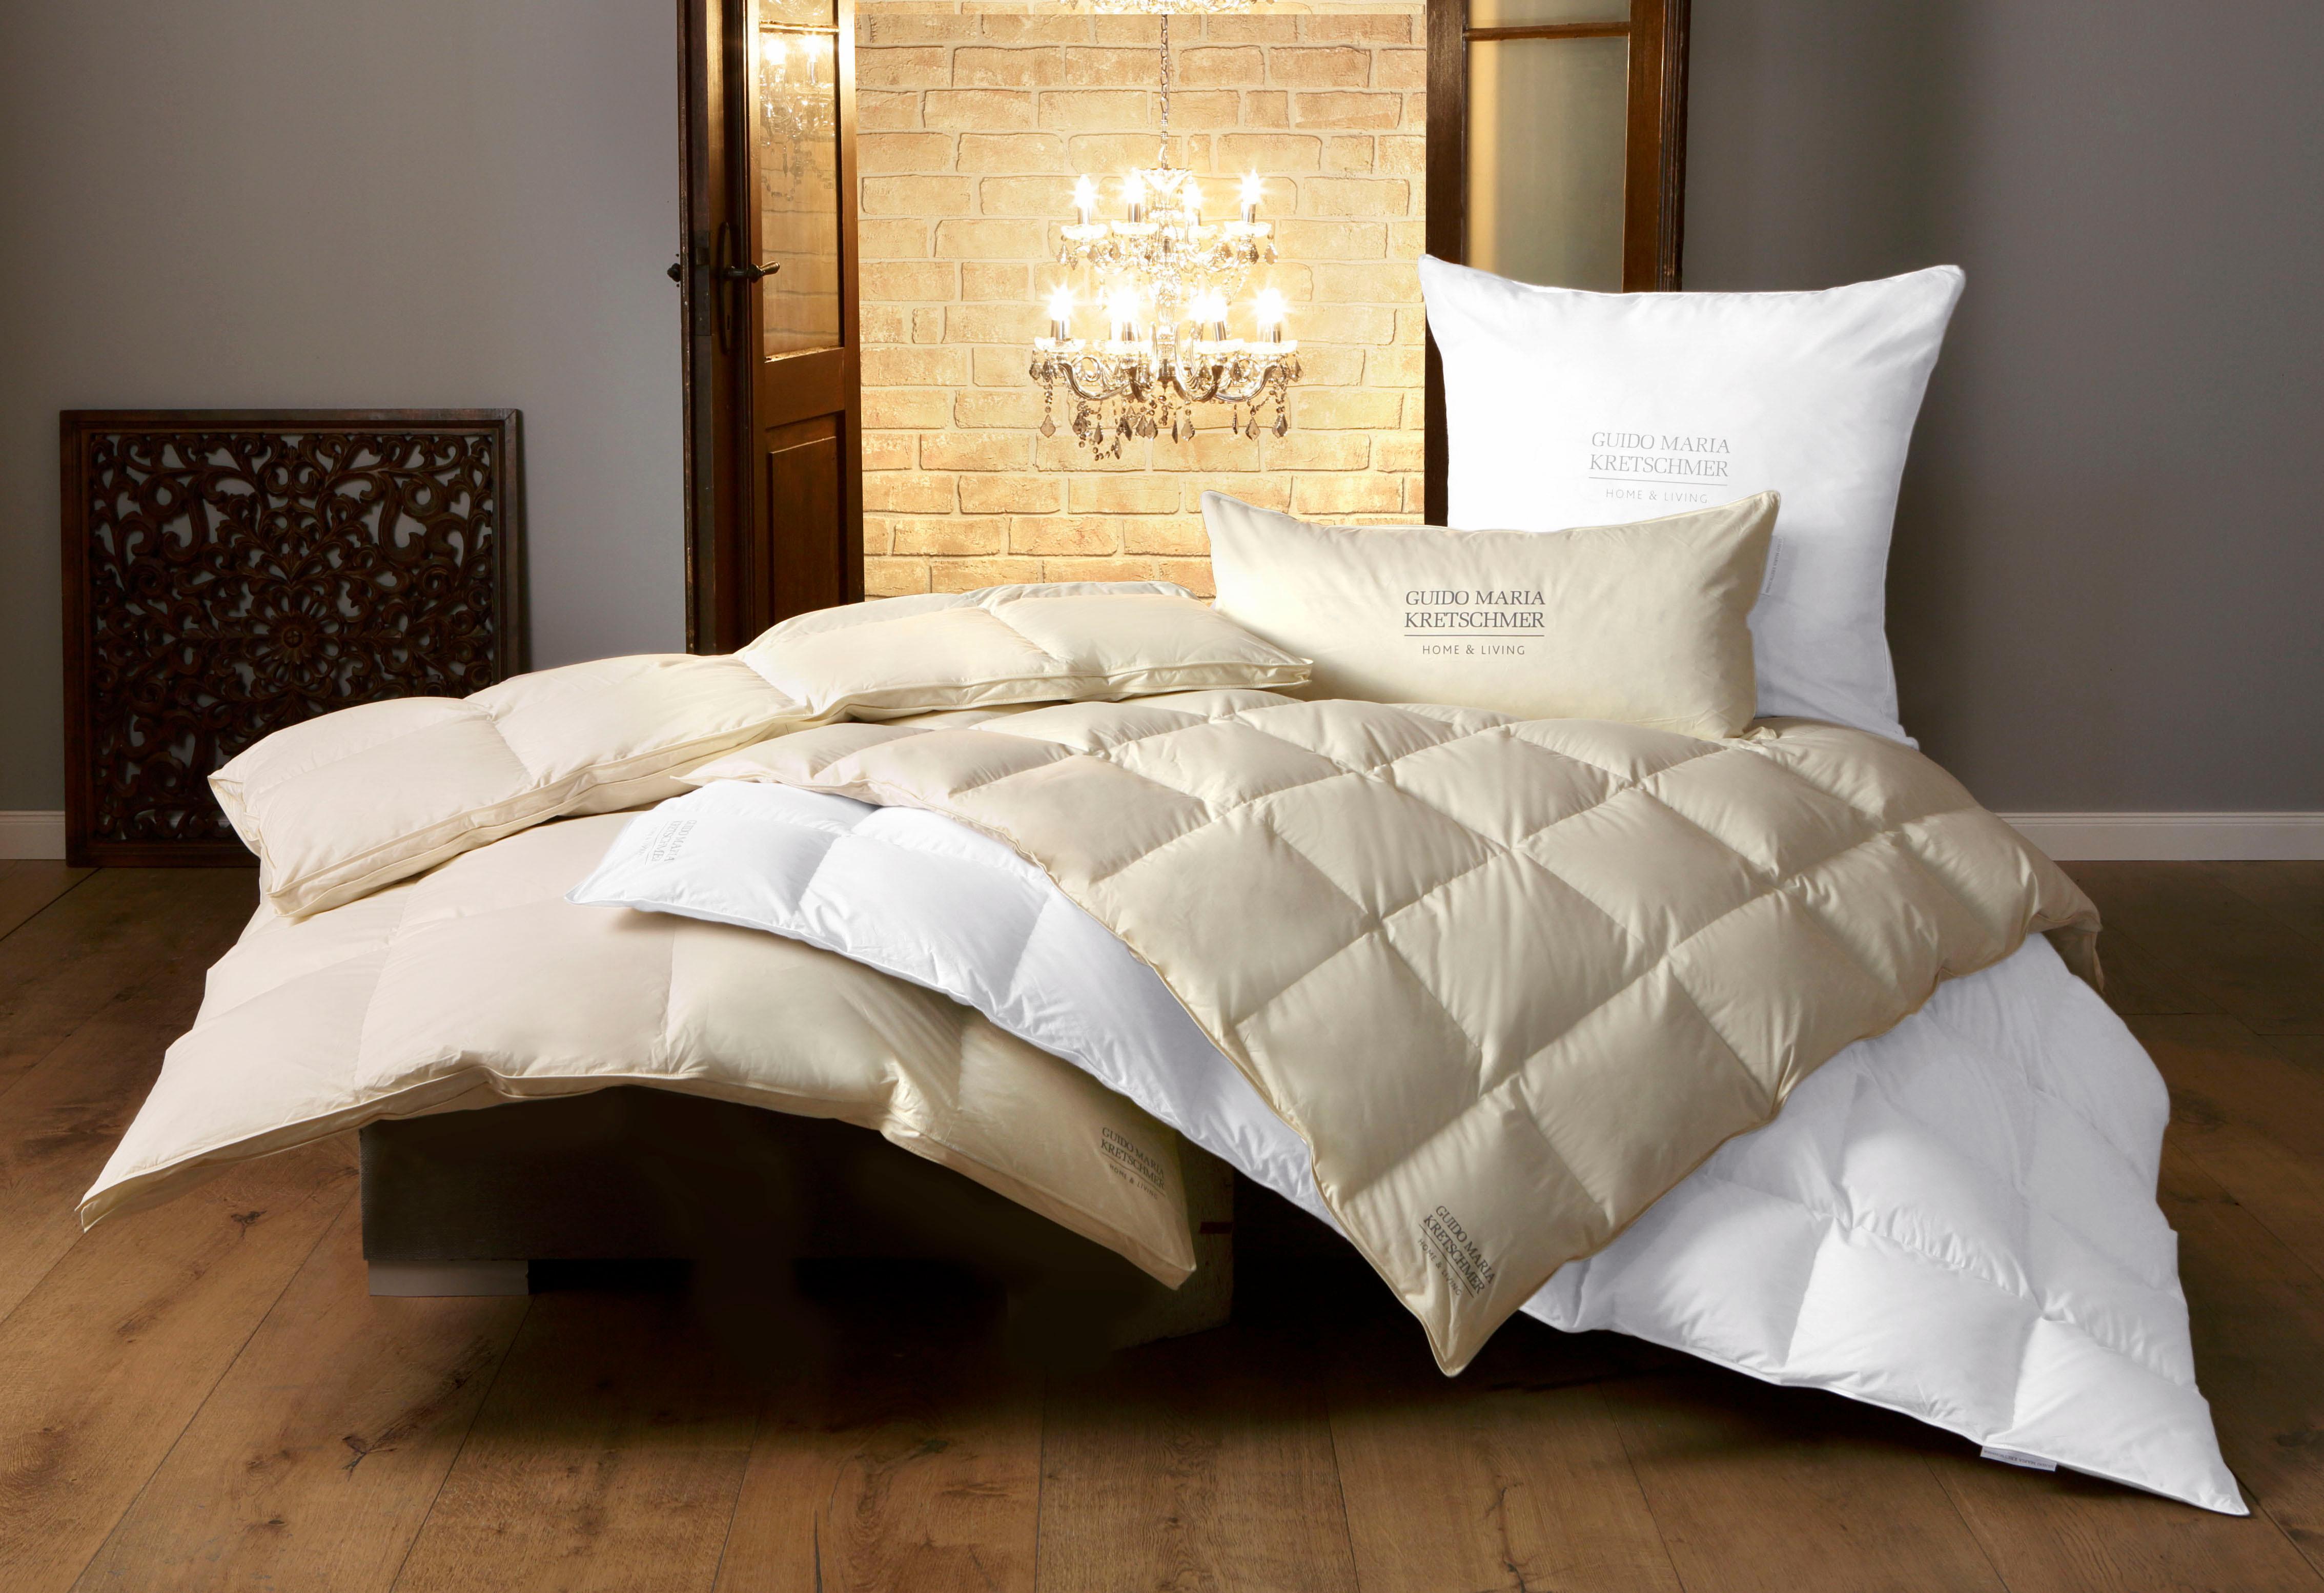 bettdecken von schiesser bettw sche f r boxspringbett schloss neuschwanstein schlafzimmer. Black Bedroom Furniture Sets. Home Design Ideas